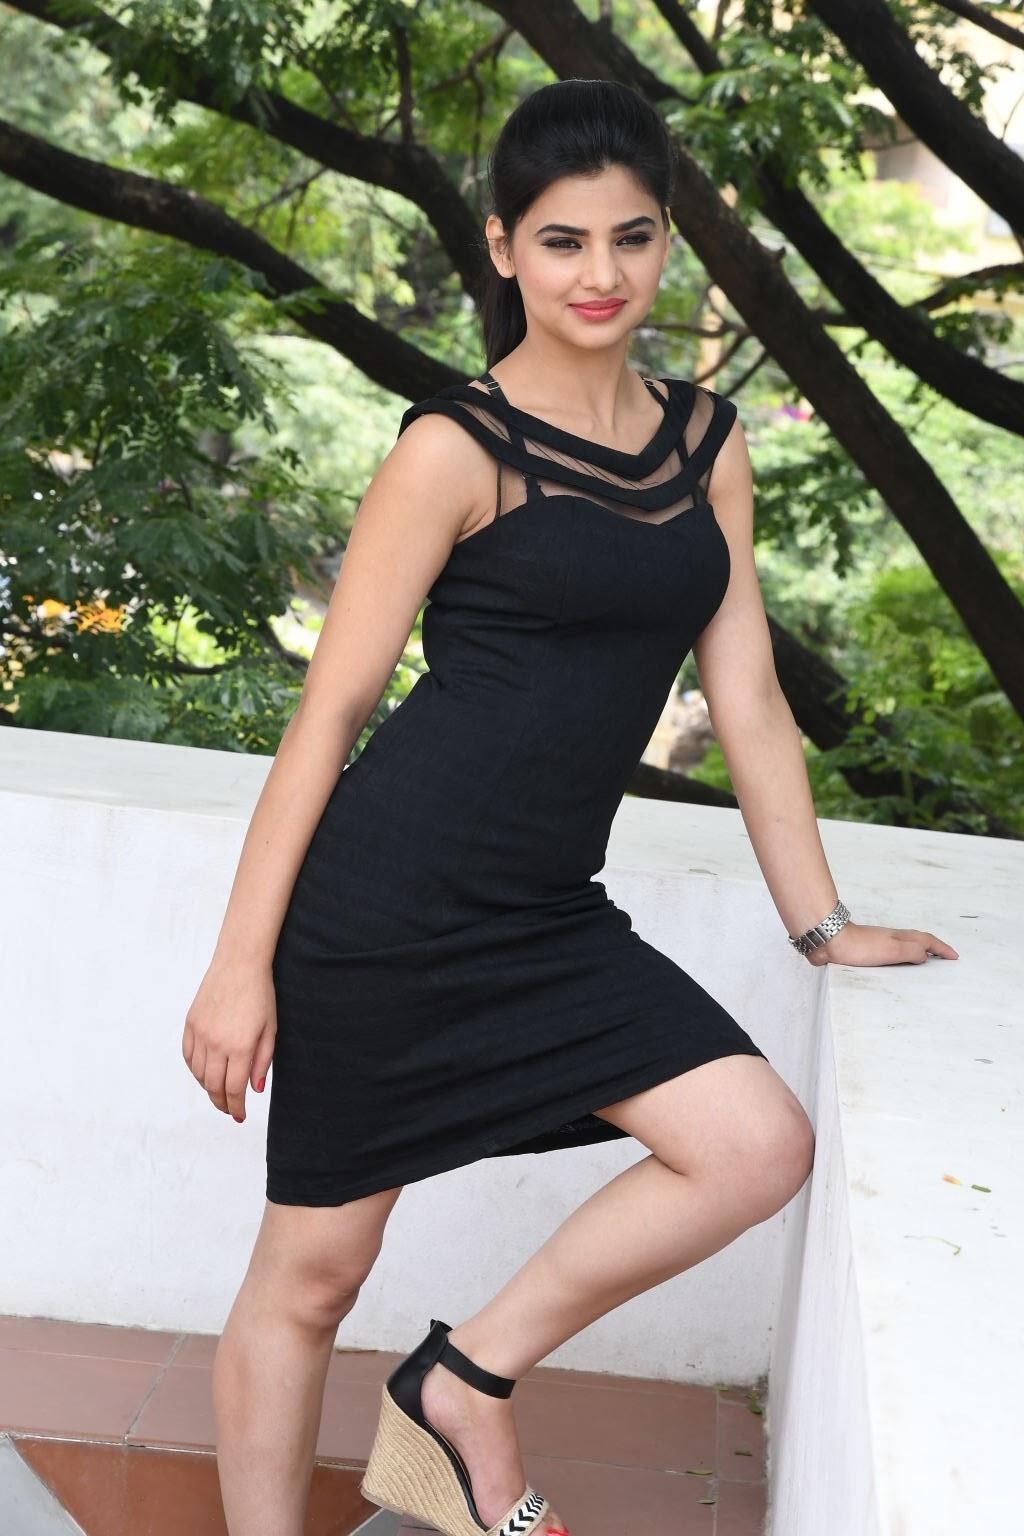 kamna ranawat new glam pics-HQ-Photo-15